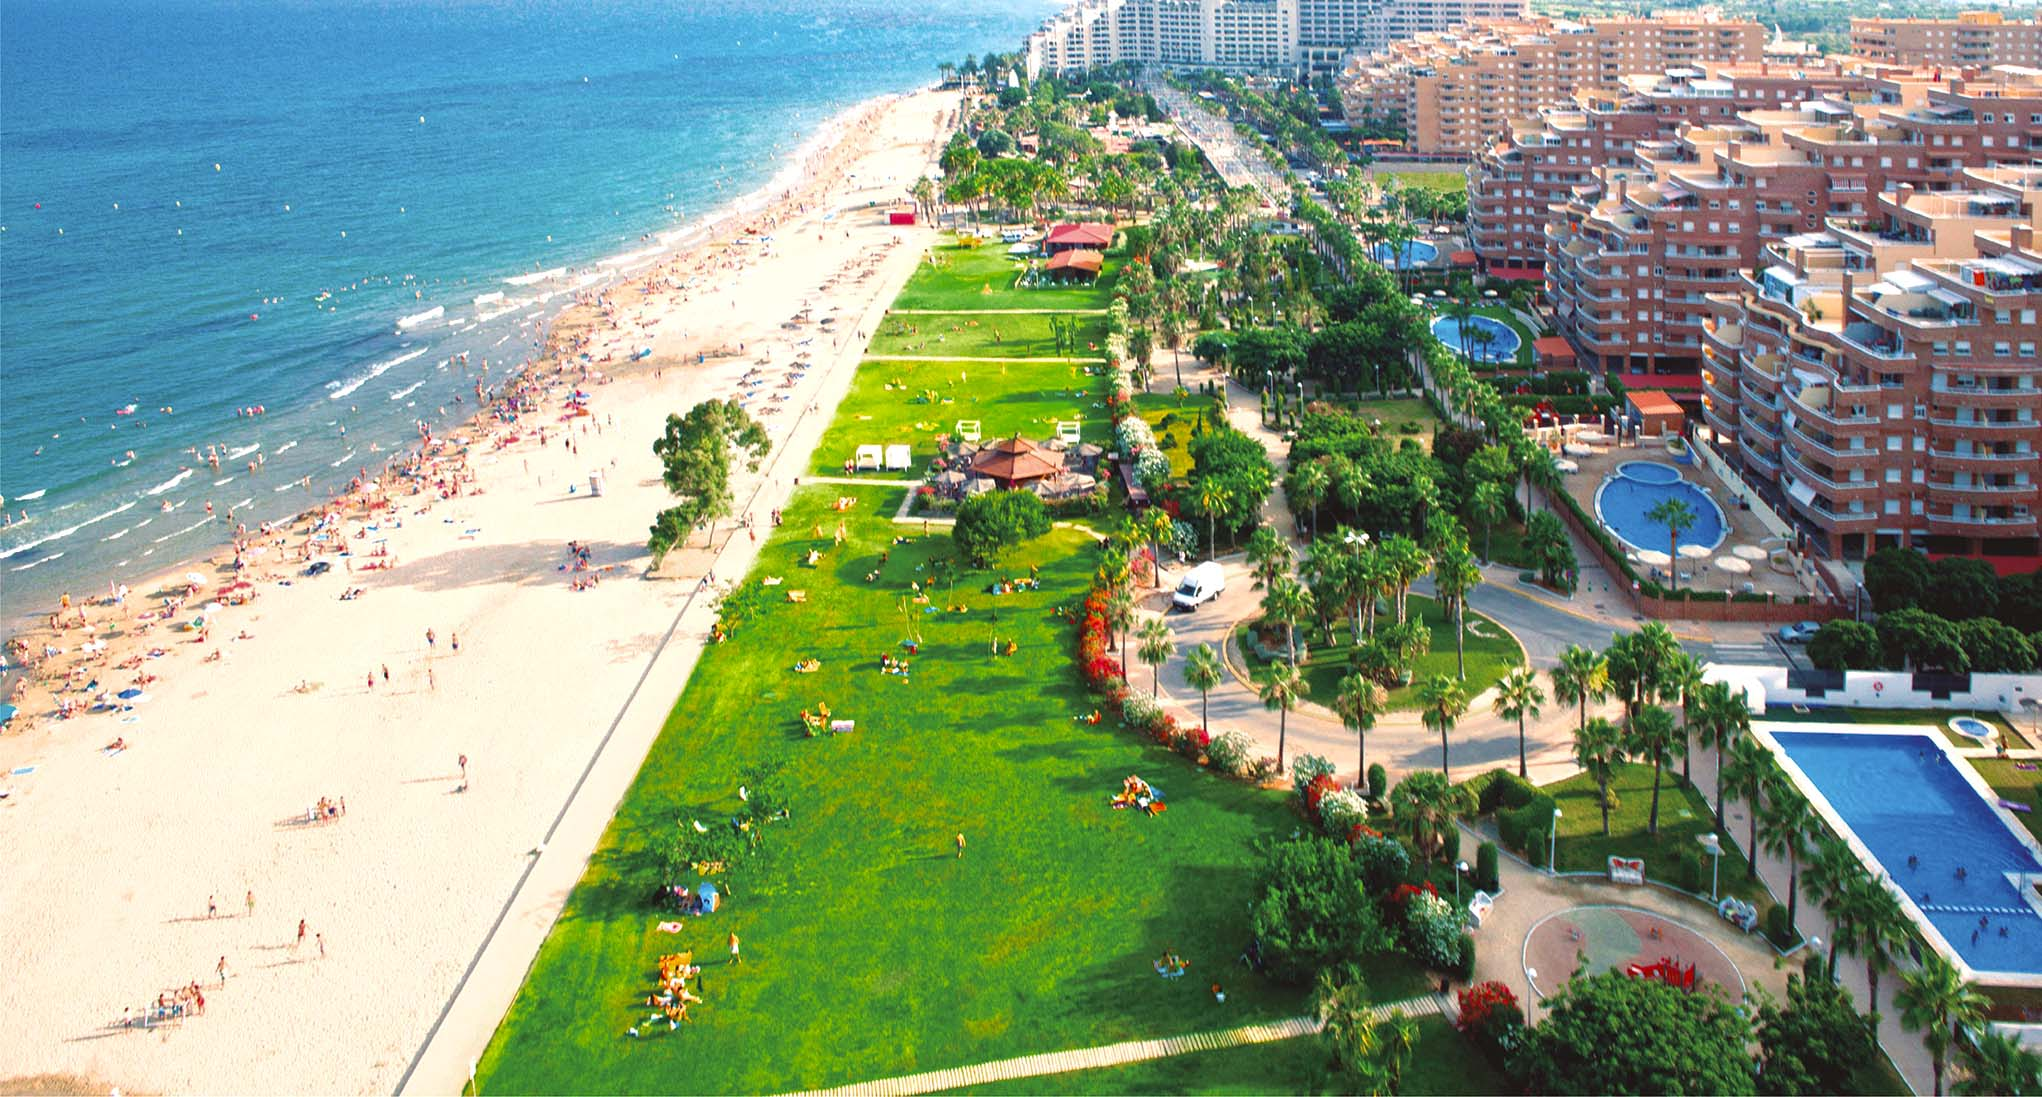 Complejo Marina d'Or Hoteles y Apartamentos Turísticos